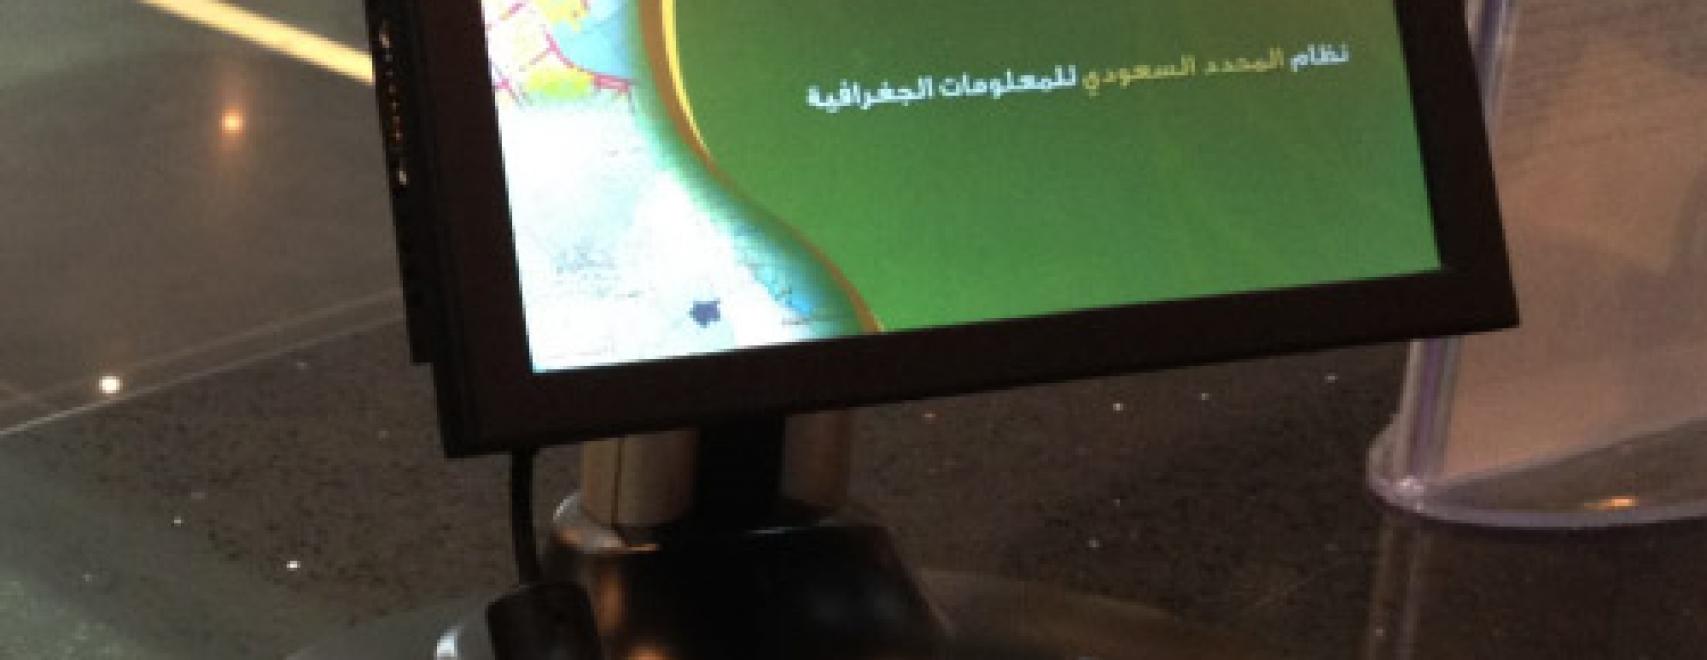 Jeddah Queuing Kiosks